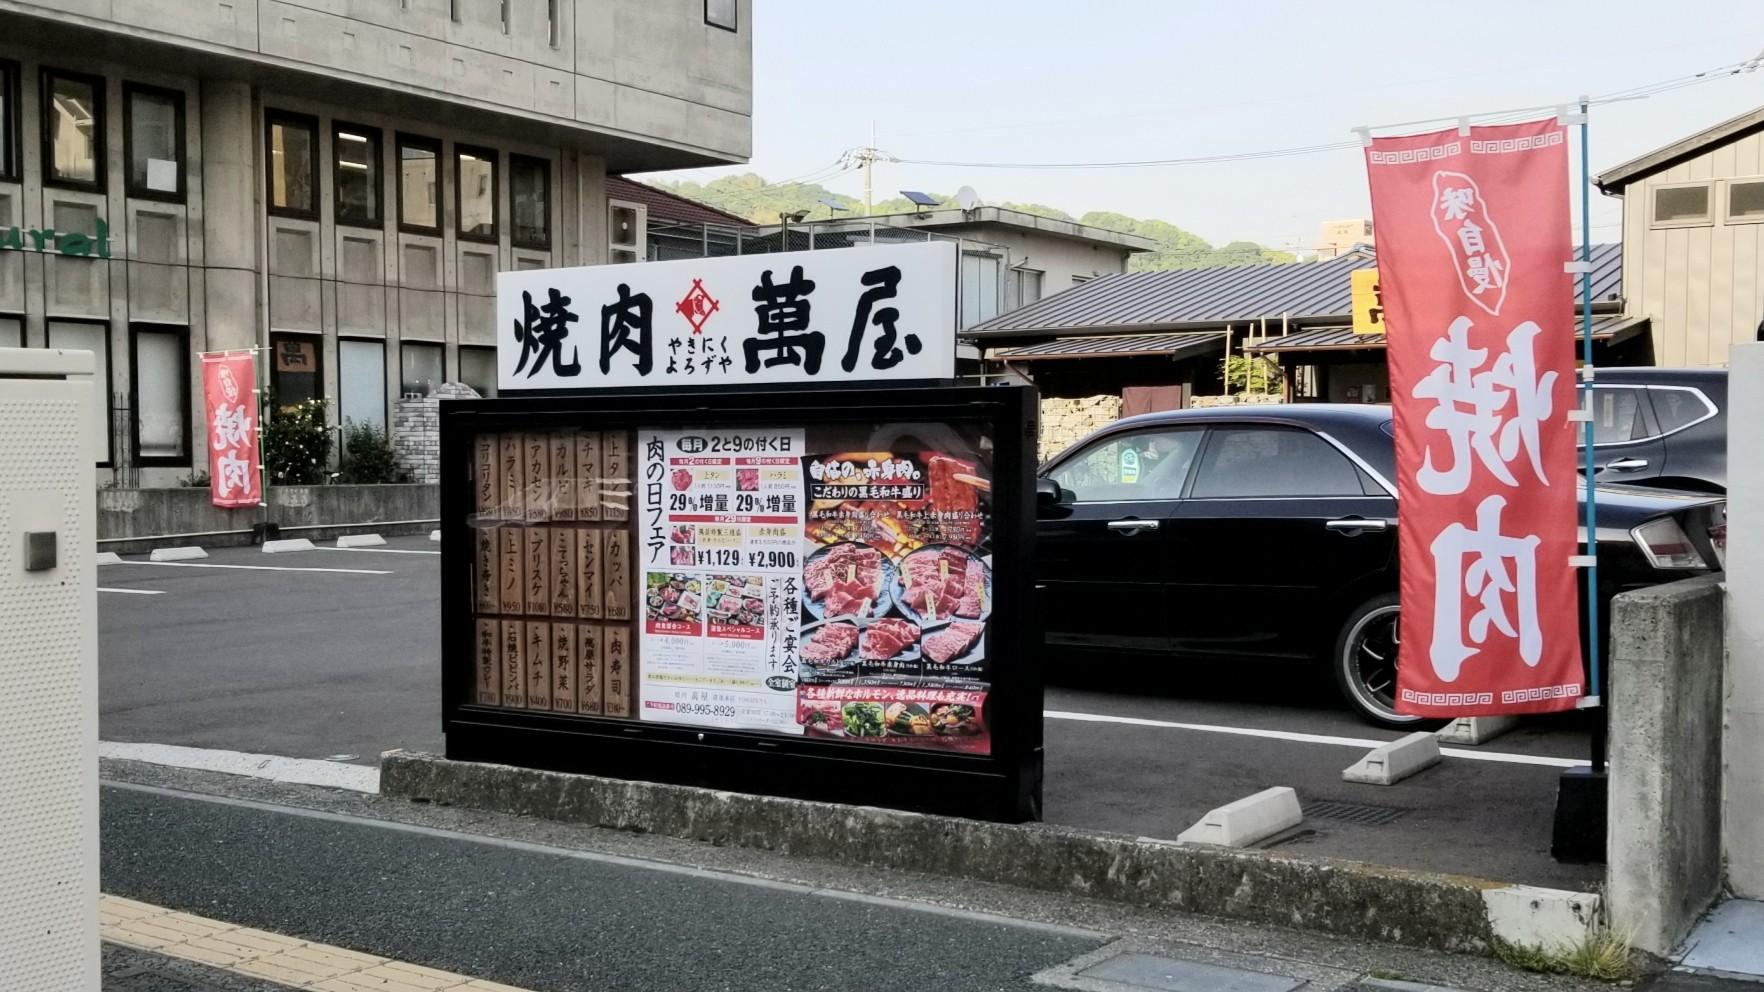 近所の焼肉萬屋行きたい食べたい高い断念諦めたおいしそう松山市